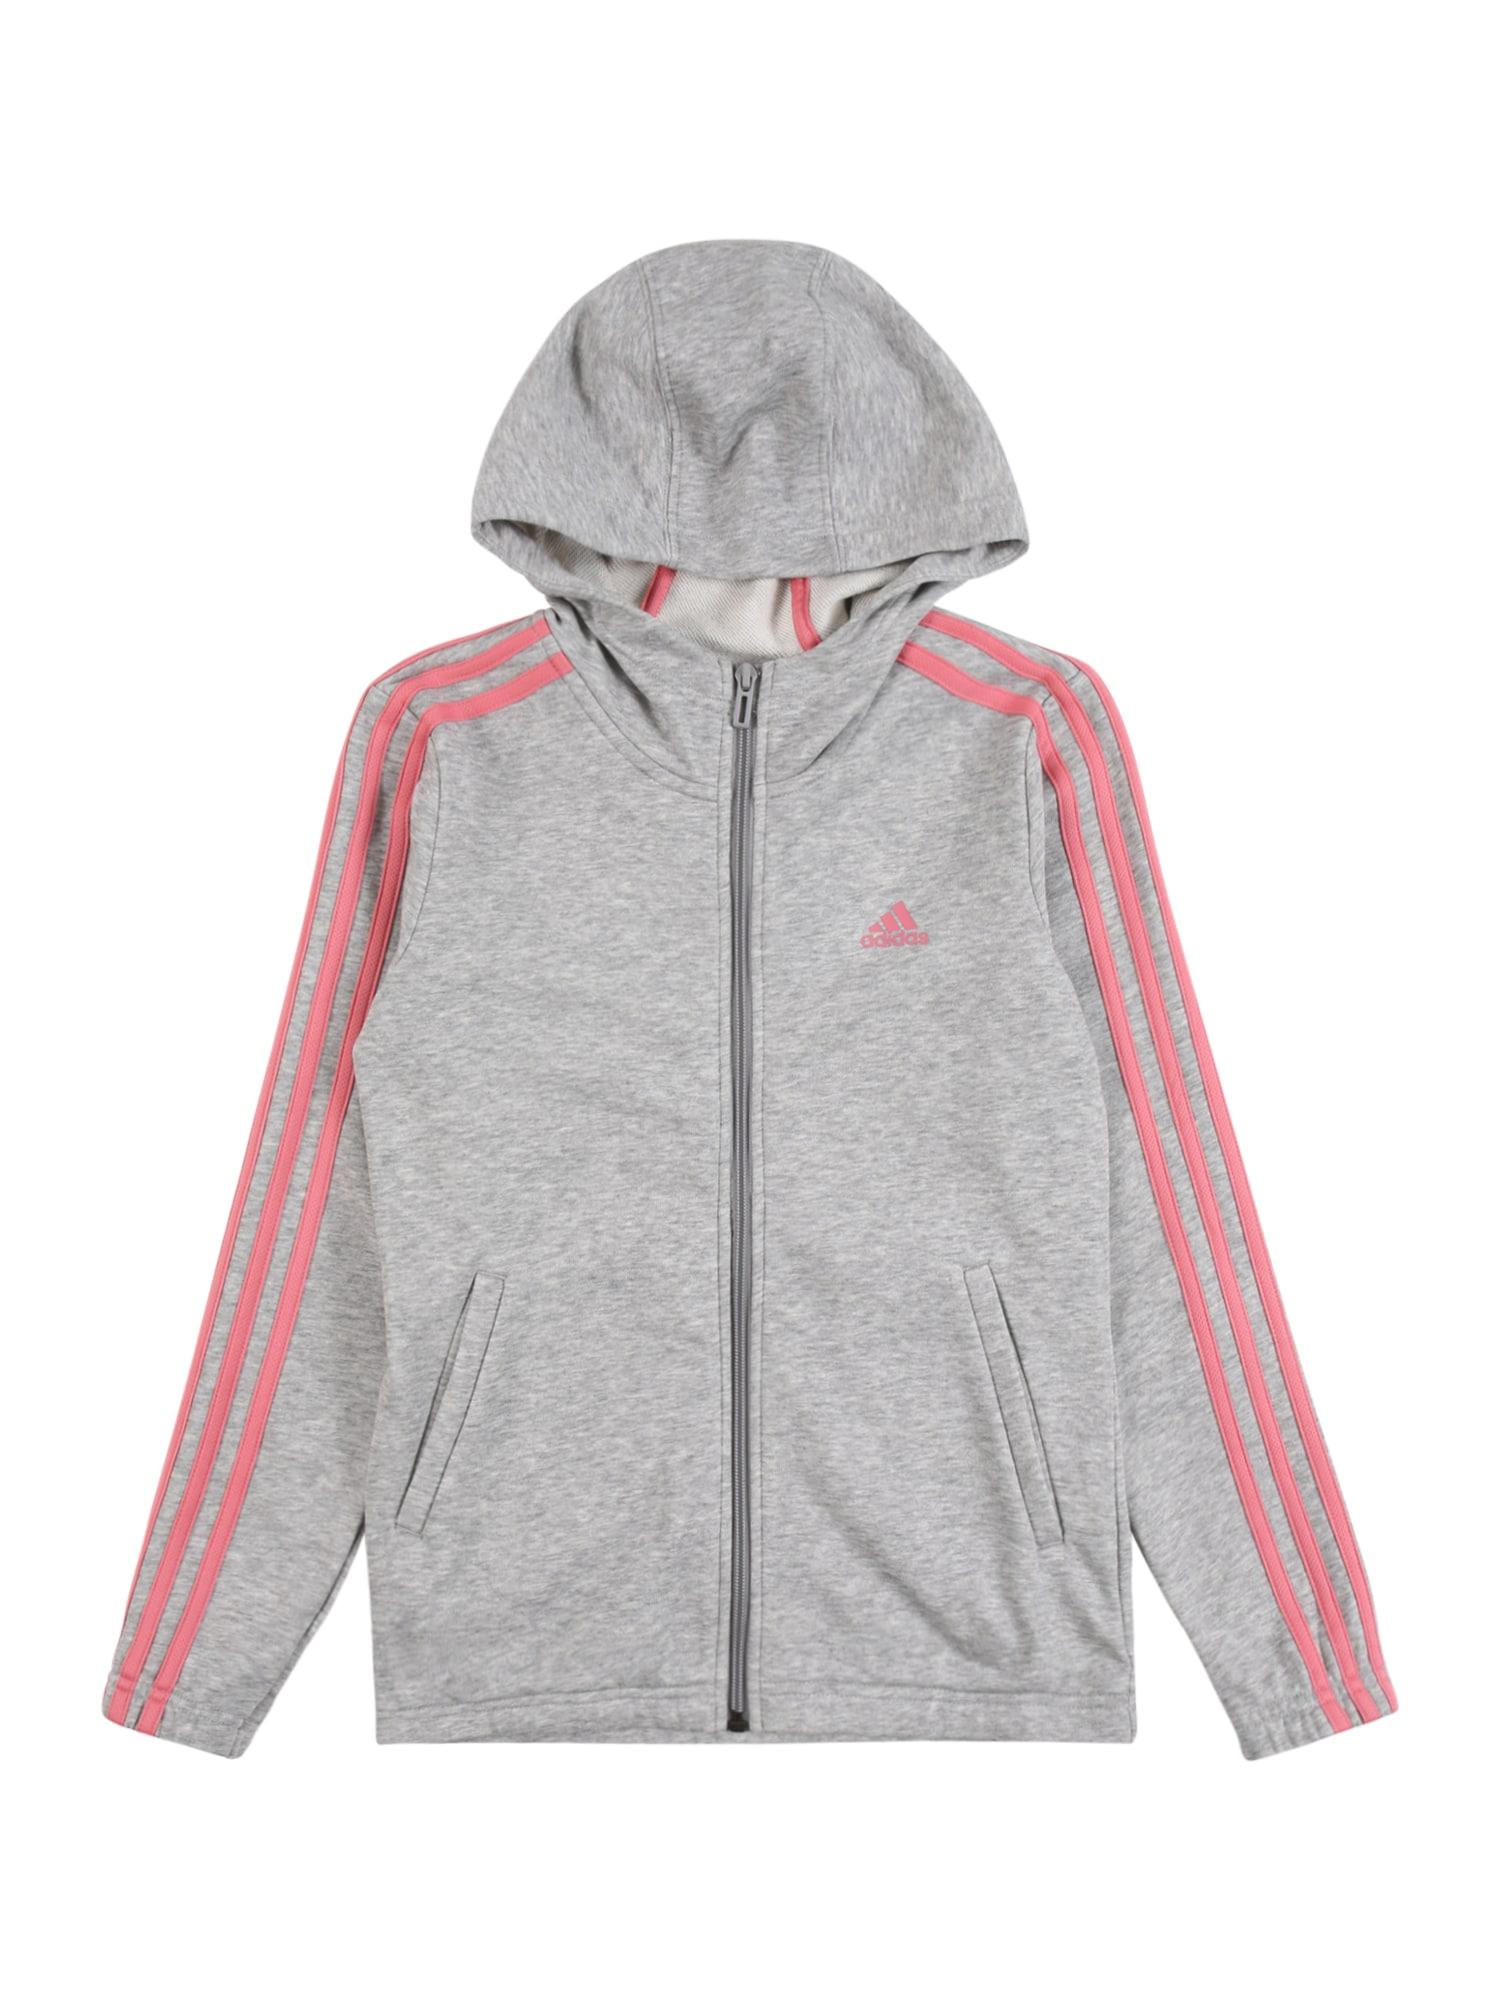 ADIDAS PERFORMANCE Sportinis džemperis šviesiai pilka / rožių spalva / pastelinė rožinė